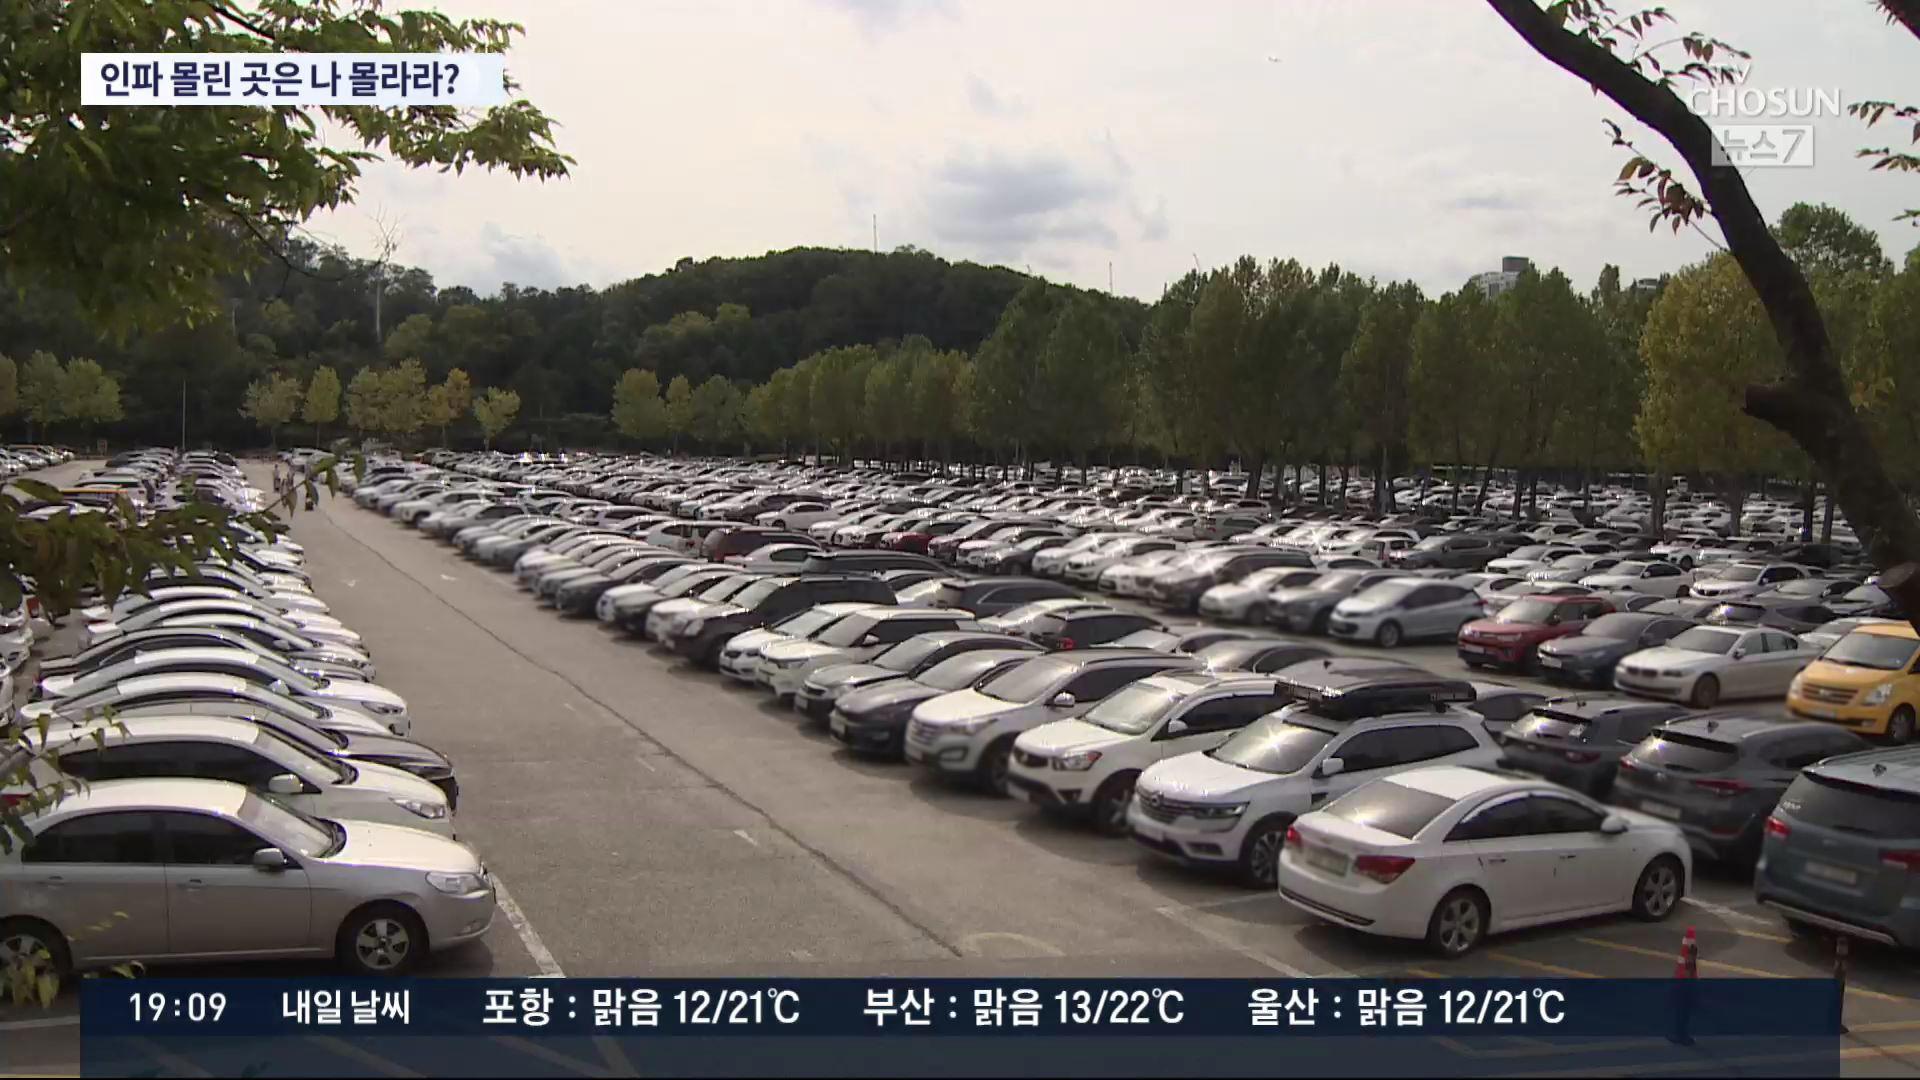 광화문은 차벽 '봉쇄', 서울대공원은 '만차'…정부 '한글날 집회도 불허'